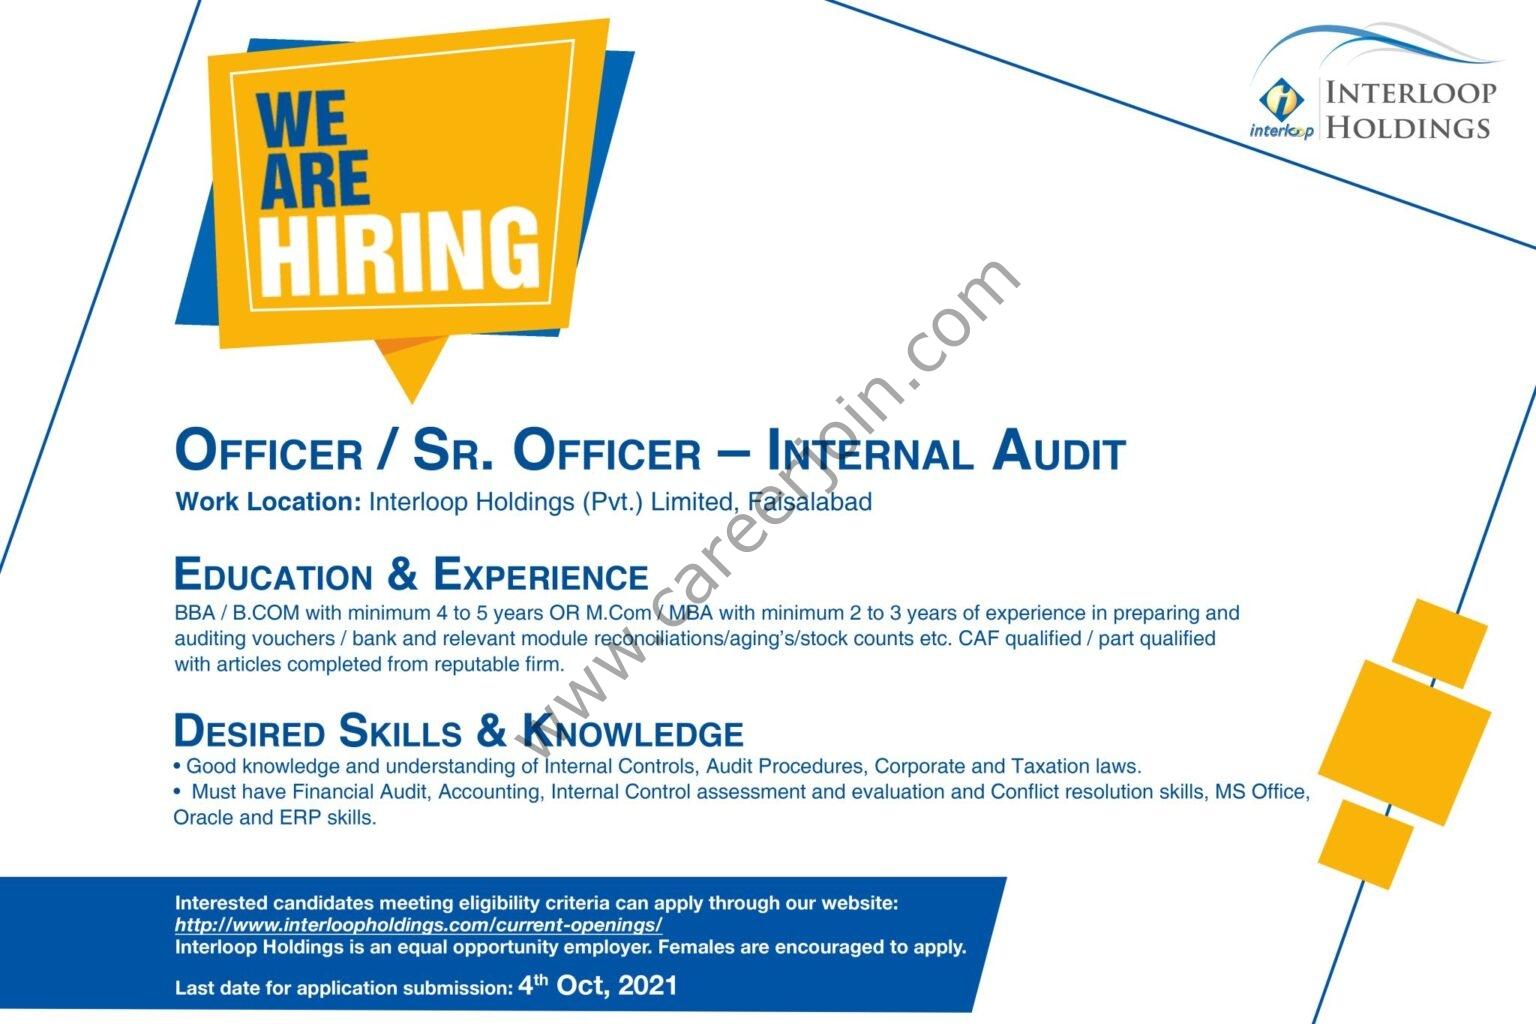 Interloop Holdings Jobs Officer / Senior Officer Internal Audit